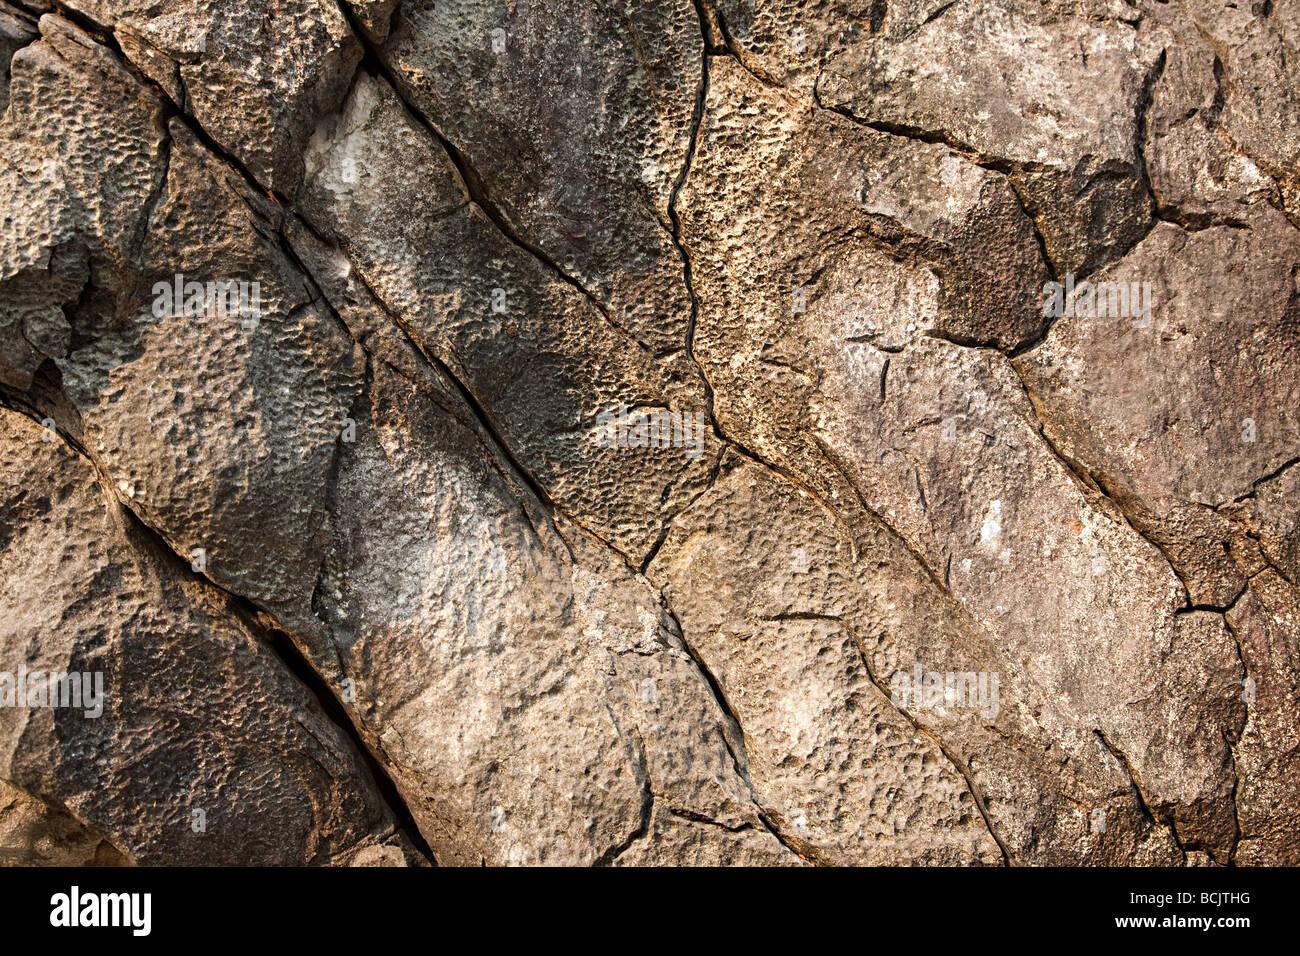 Cerrar imagen de rocas agrietada Imagen De Stock